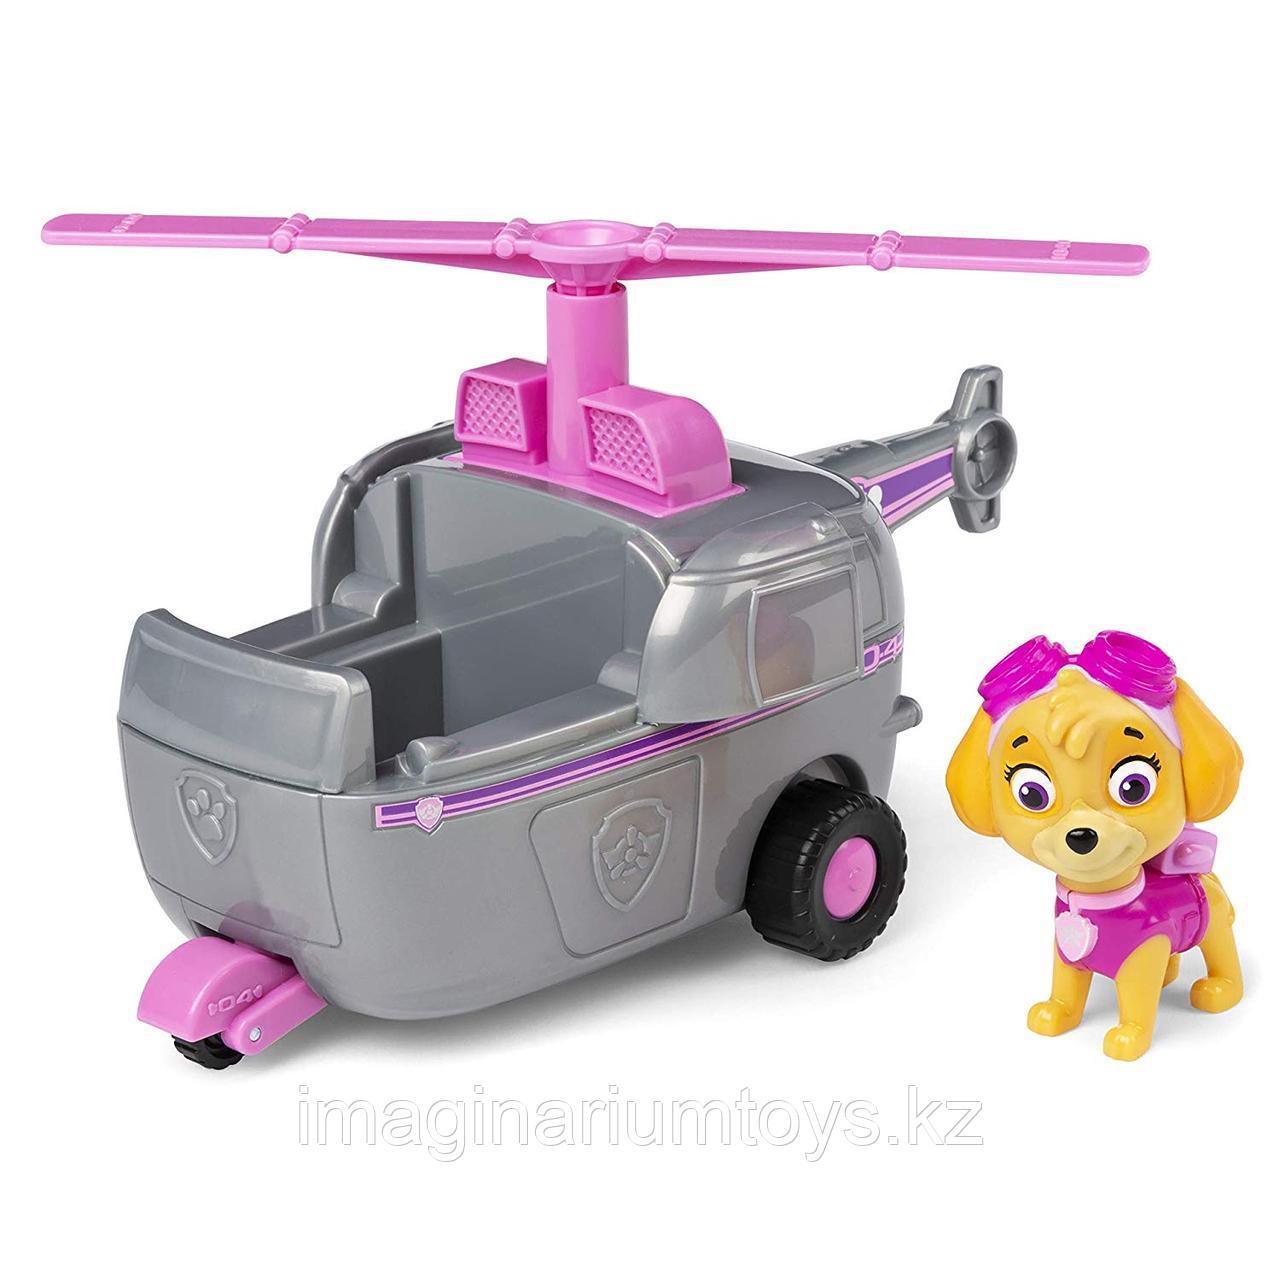 Щенячий патруль «Скай и вертолет» игровой набор